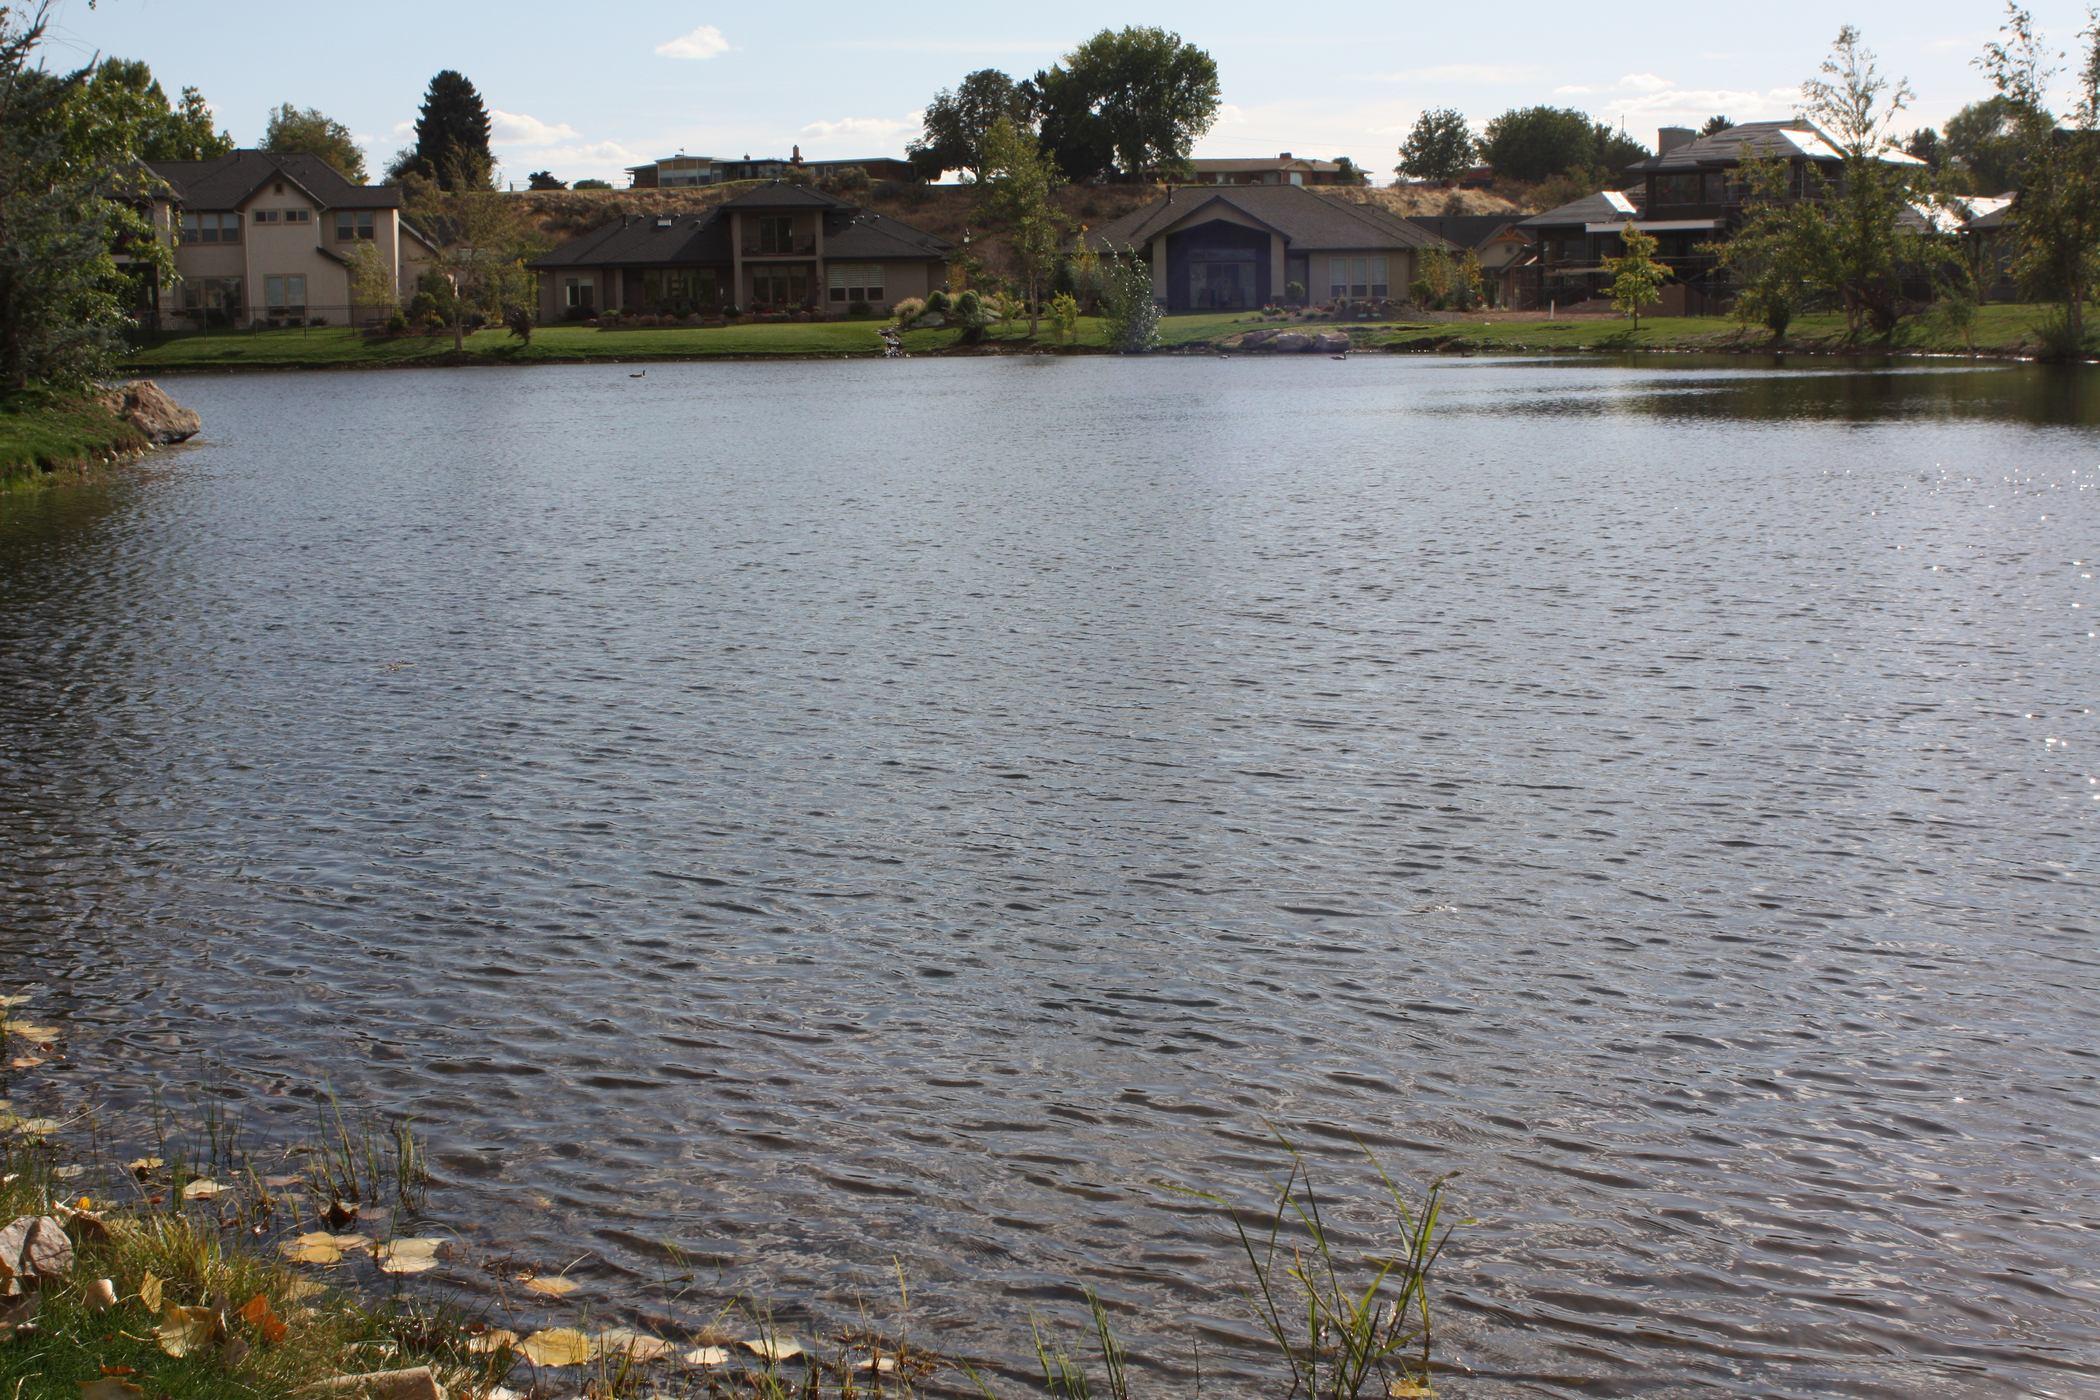 Tek Ailelik Ev için Satış at 2993 Brookwater Lane, Eagle 2993 S Brookwater Ln Eagle, Idaho, 83616 Amerika Birleşik Devletleri